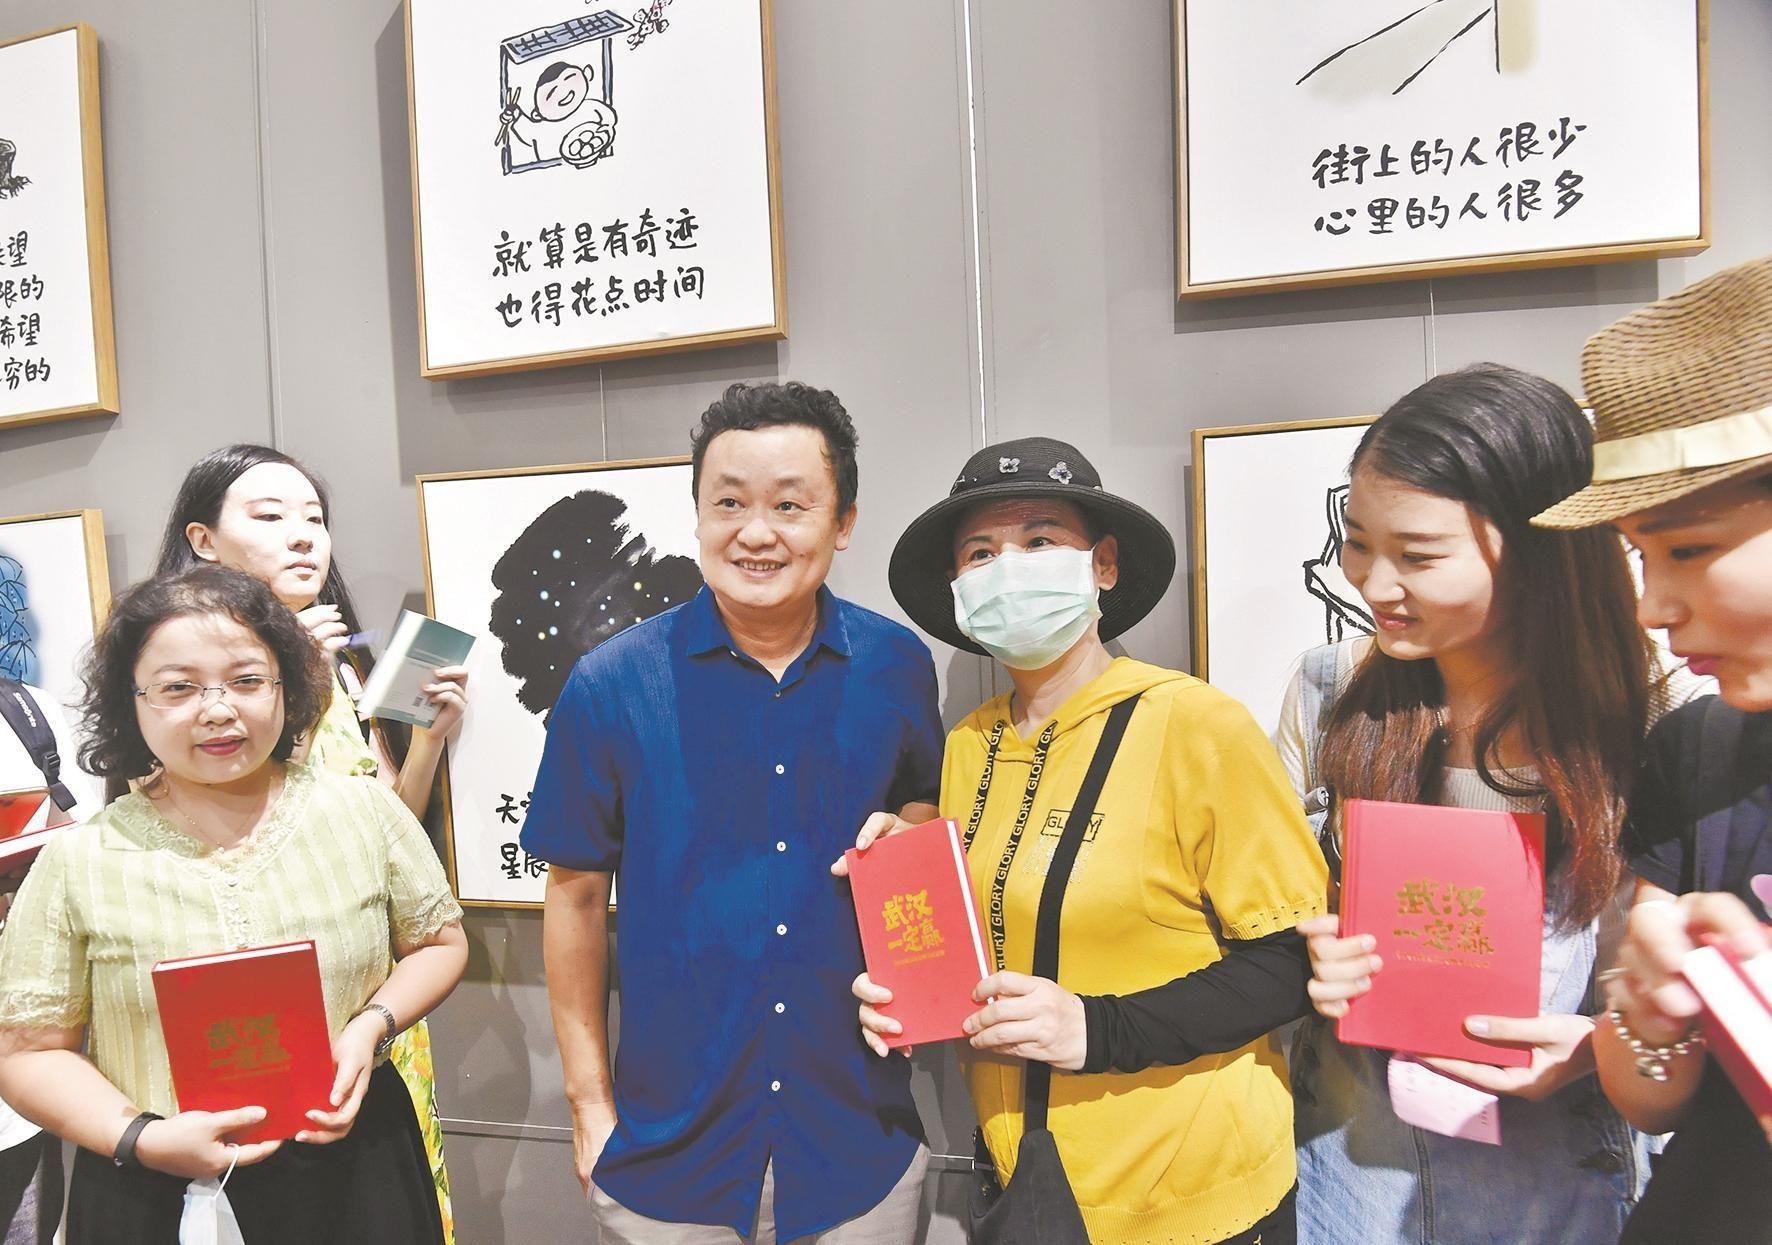 小林老师(右三)在黄鹤楼签名售书受热捧